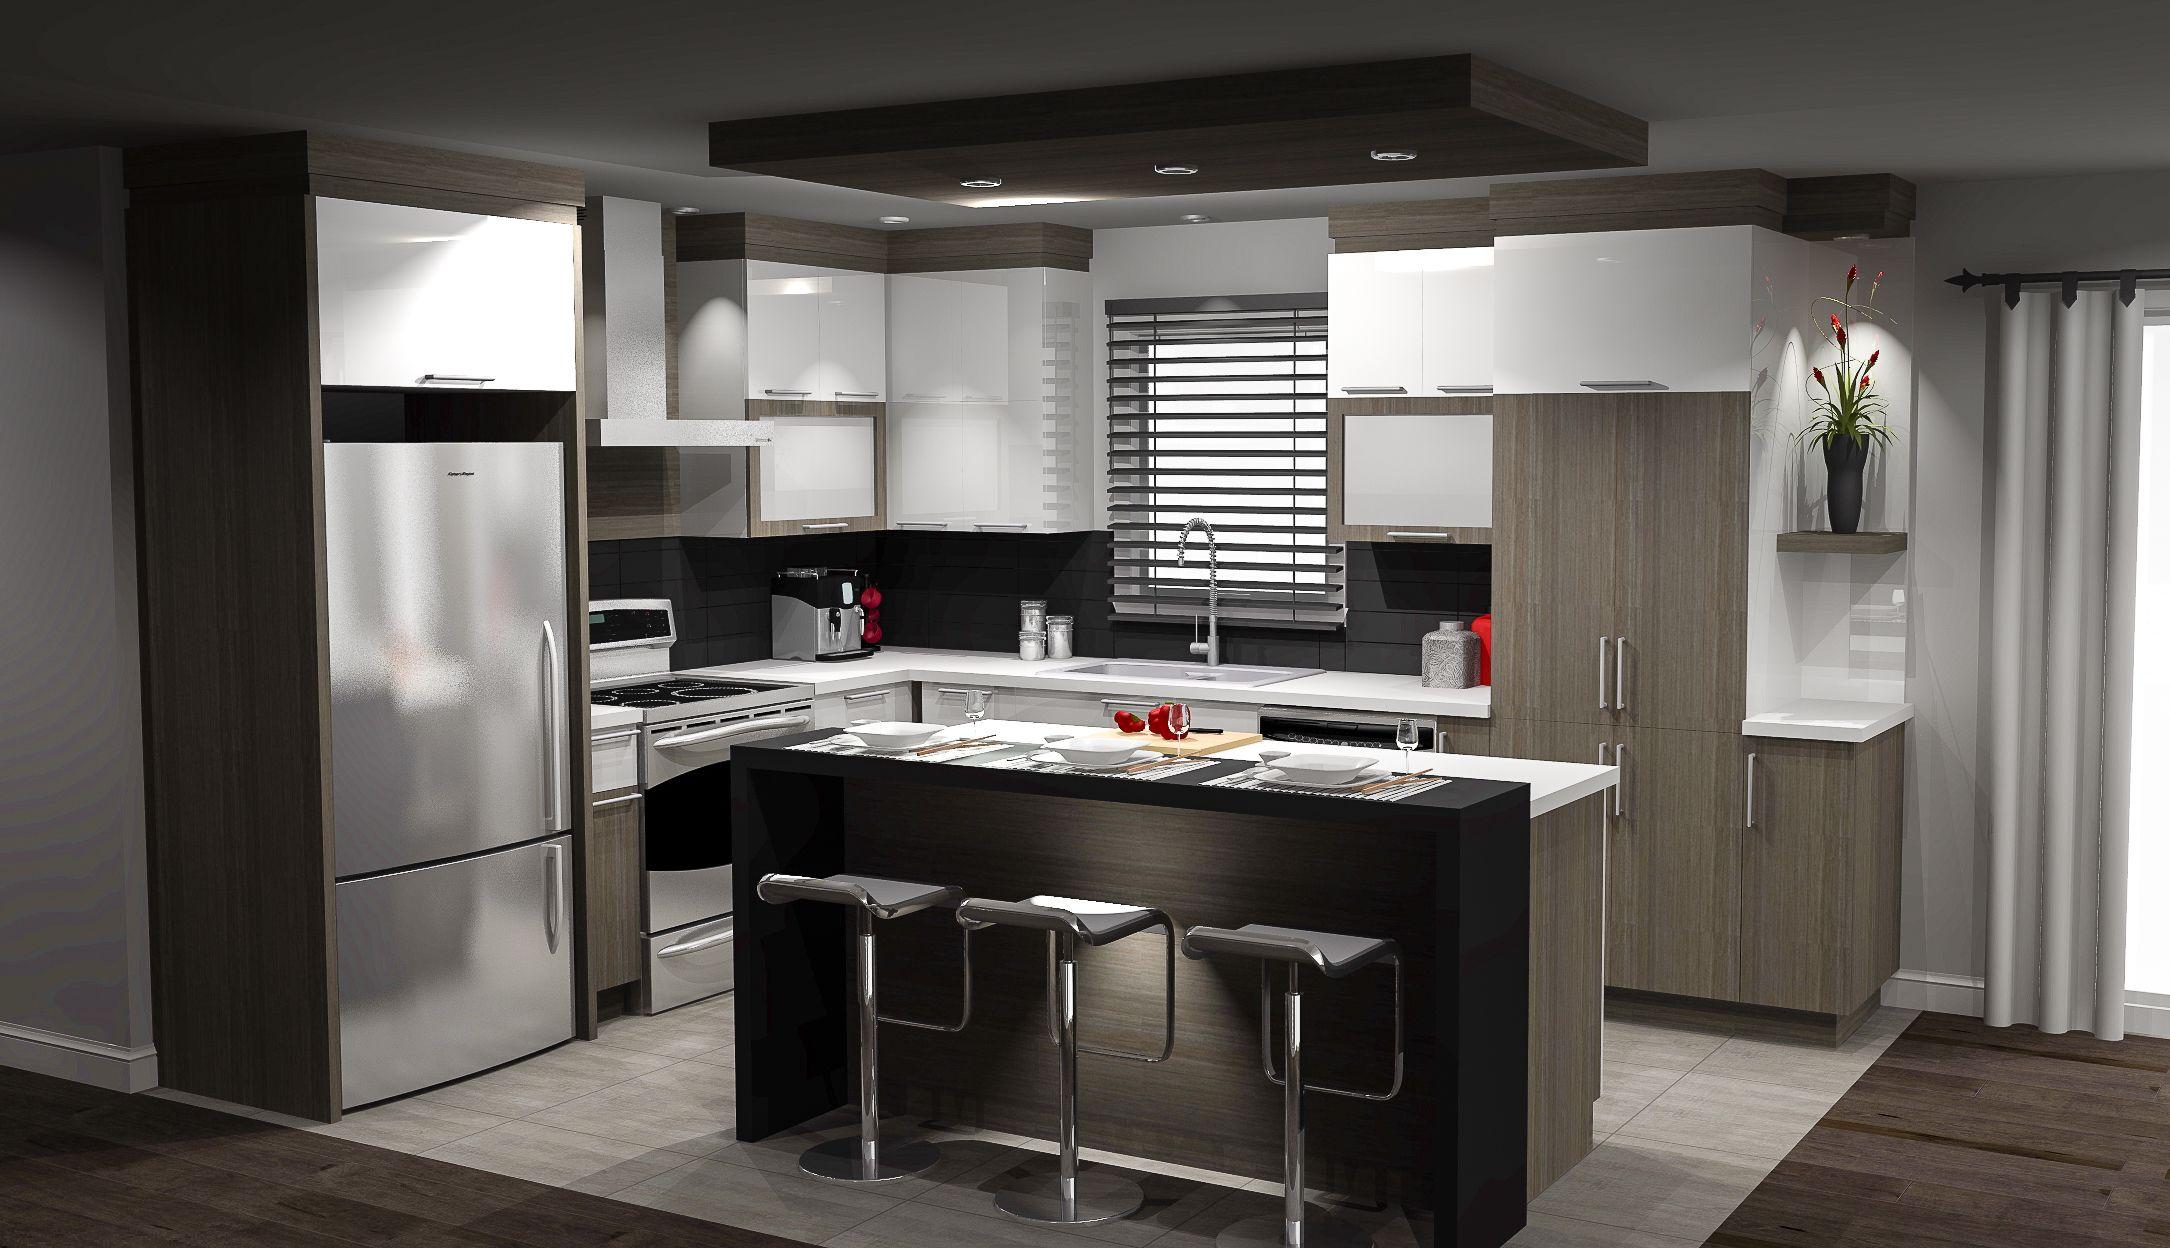 armoires de cuisine cuisine pinterest armoires. Black Bedroom Furniture Sets. Home Design Ideas